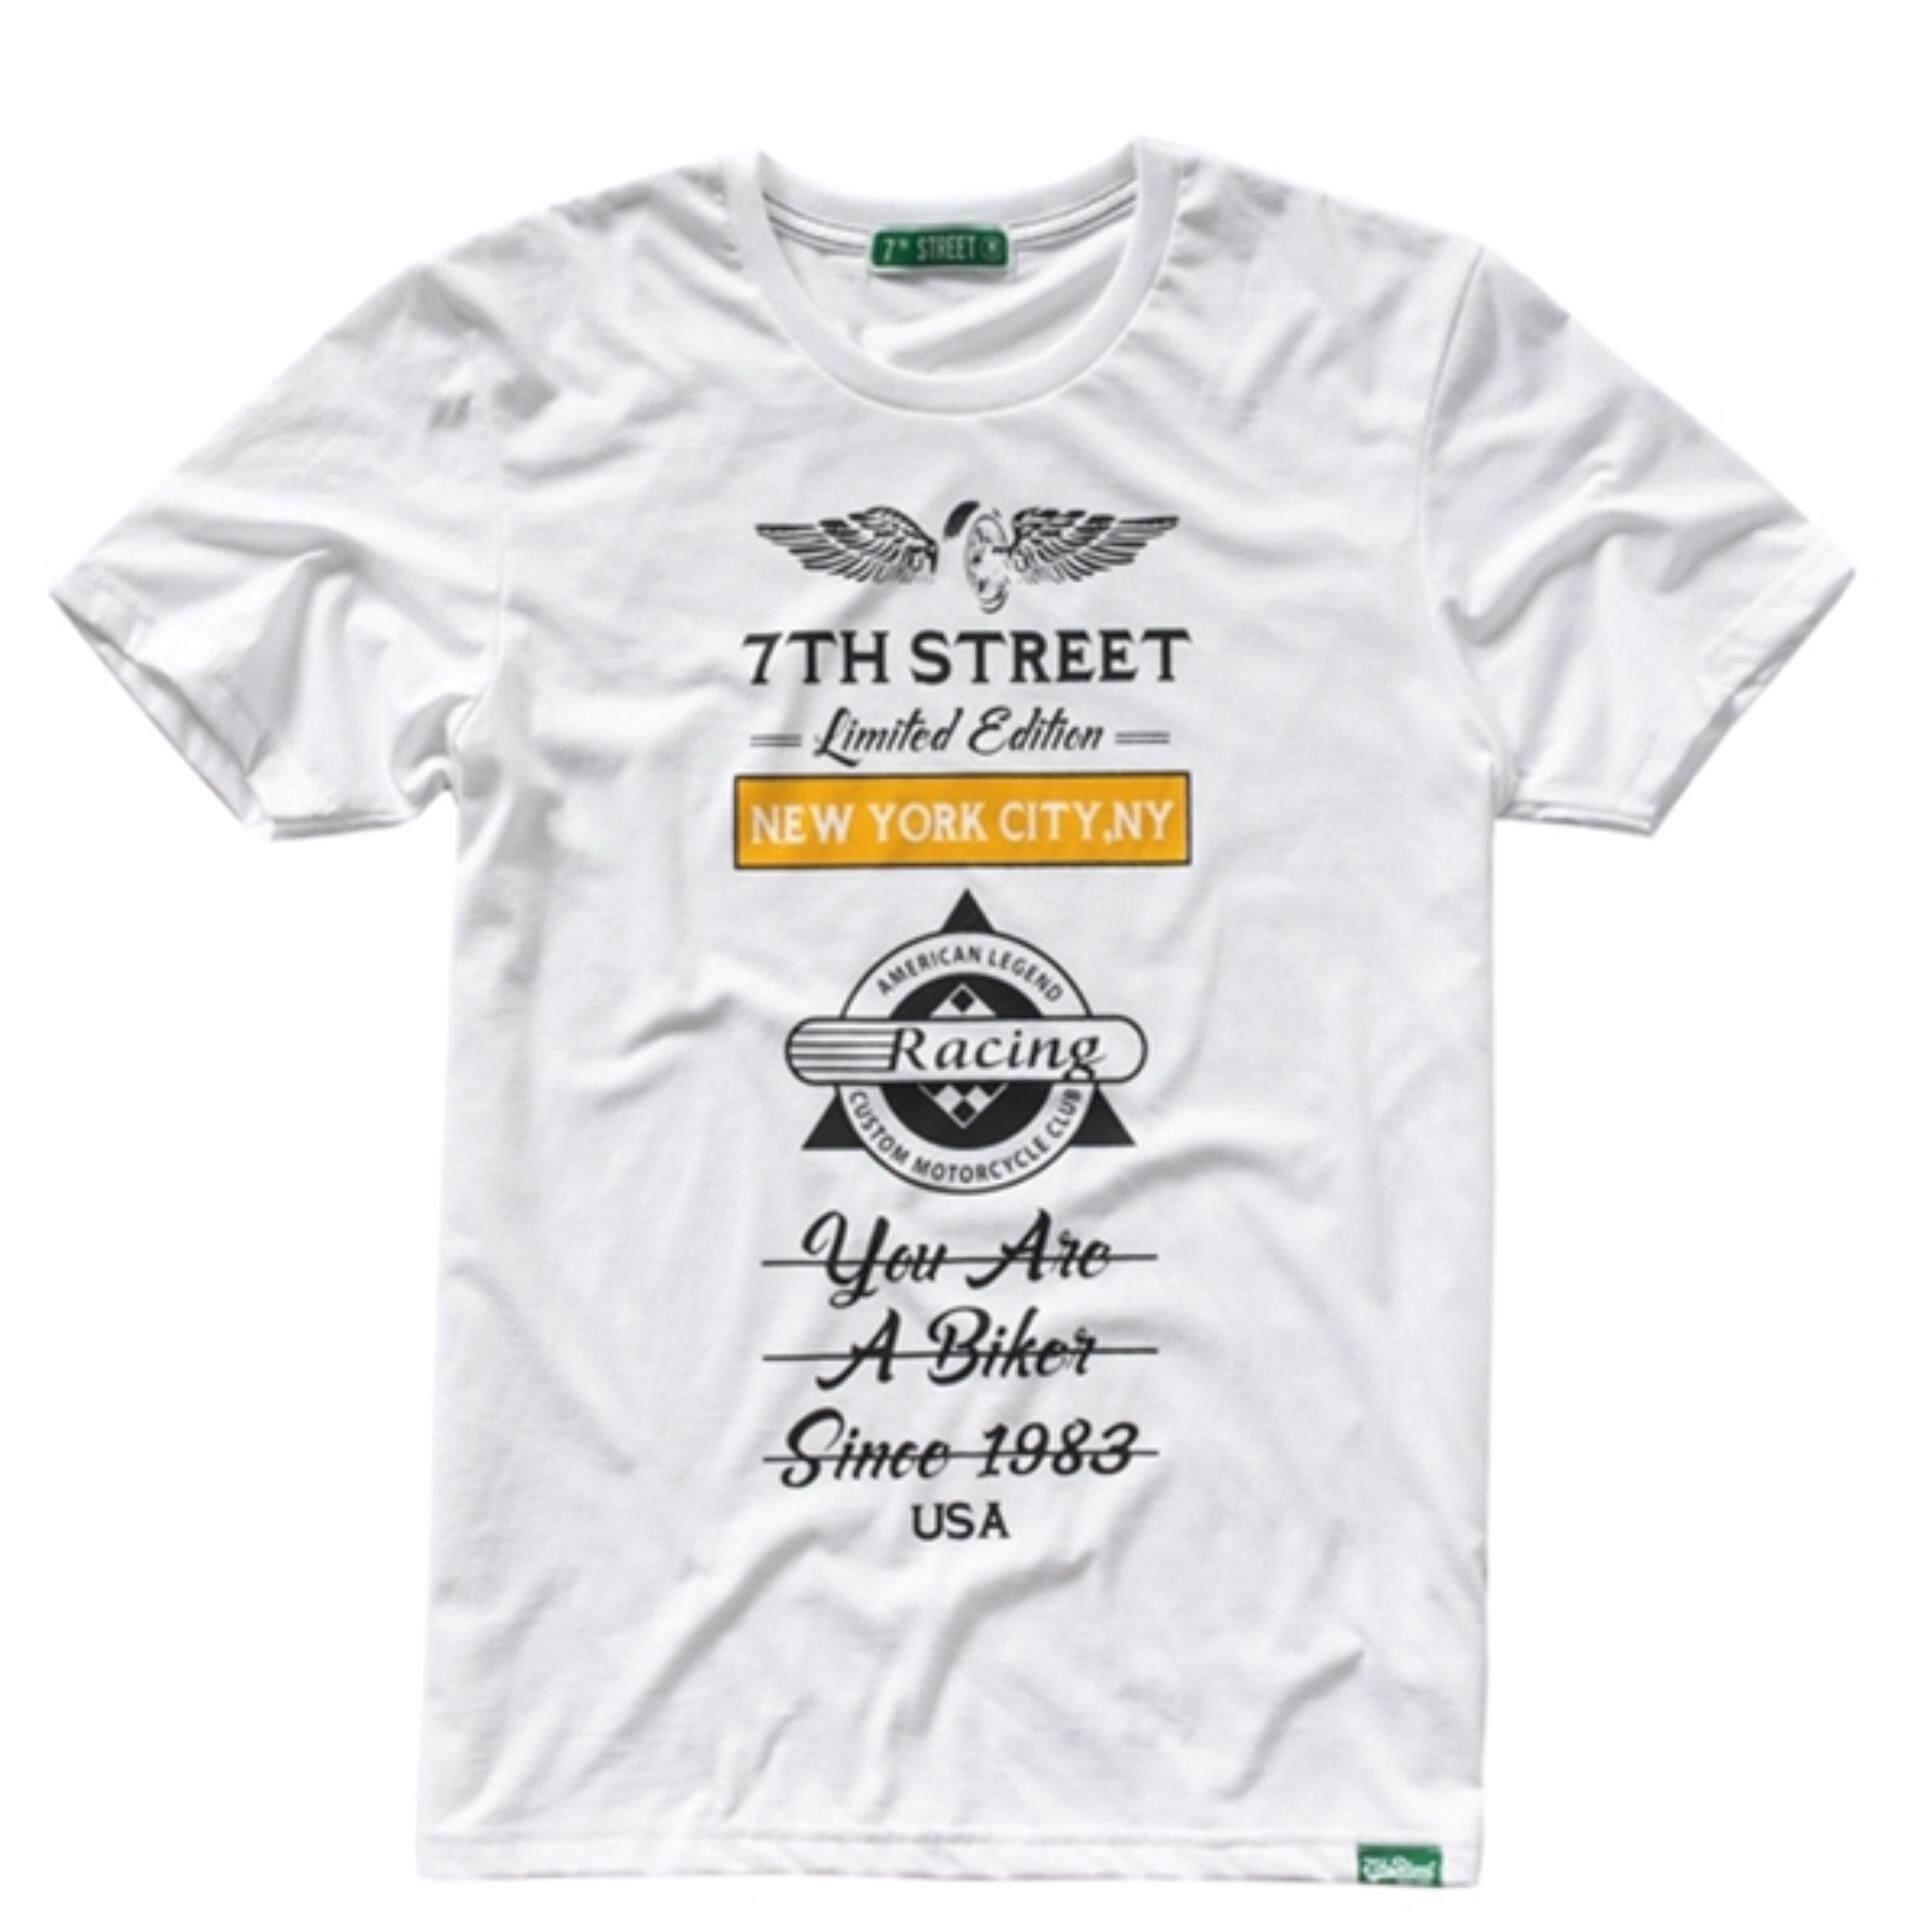 ขาย 7Th Street เสื้อยืดแนวสตรีท รุ่น Racing สีขาว ออนไลน์